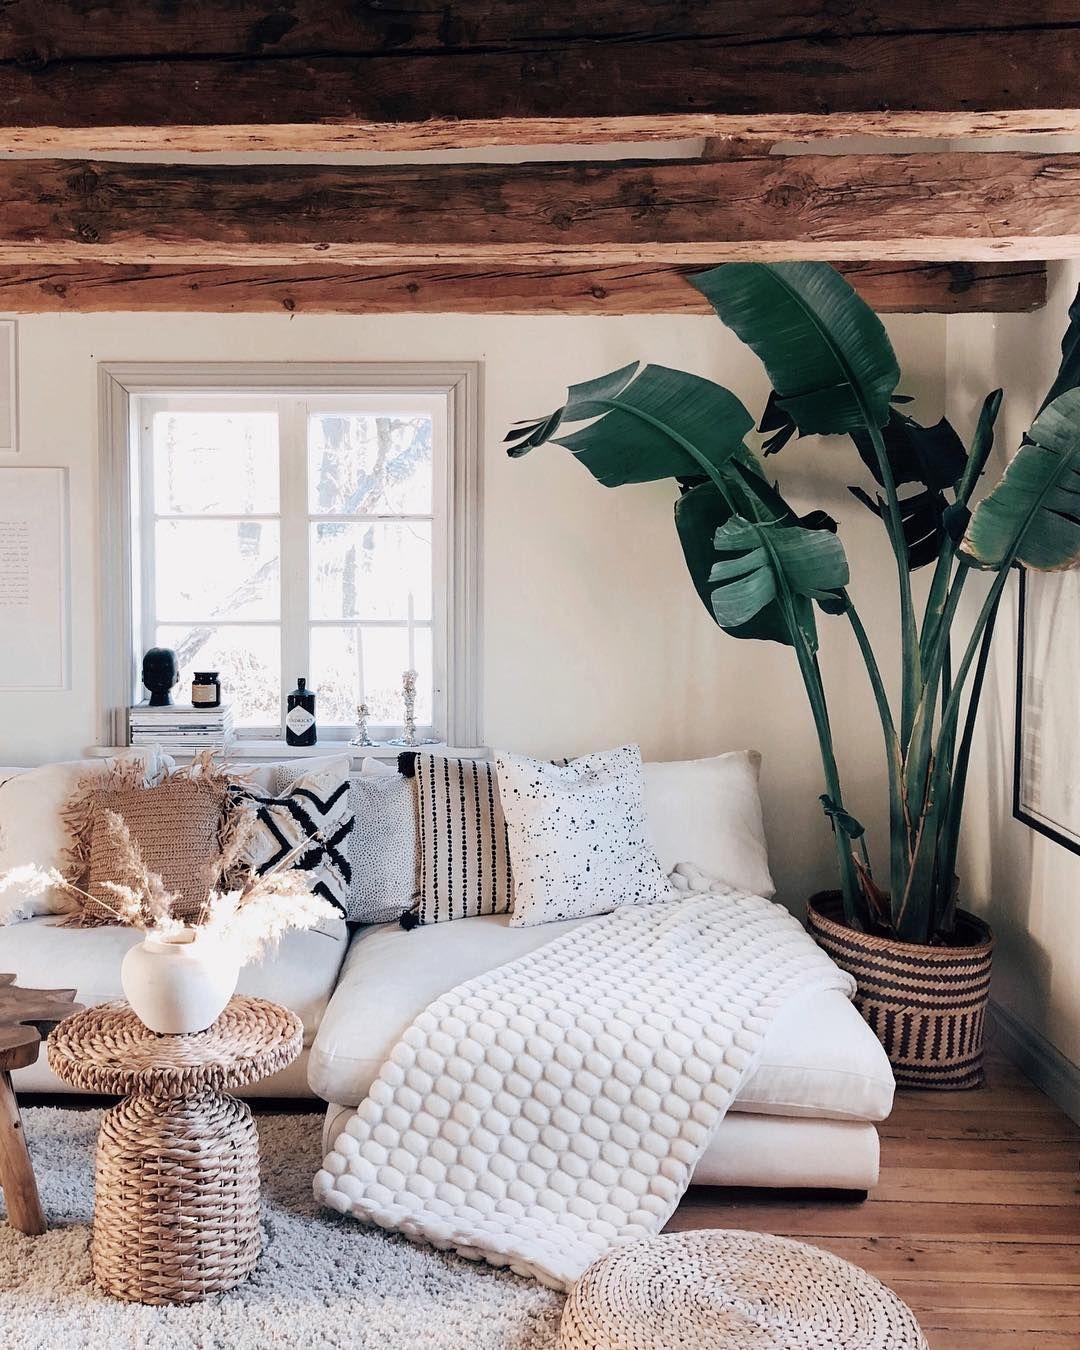 soggiorno in stile rustico con cuscini, tappeti, materiali morbidi, pelosi, beige. 4 top trend dell'home decor nel 2020.